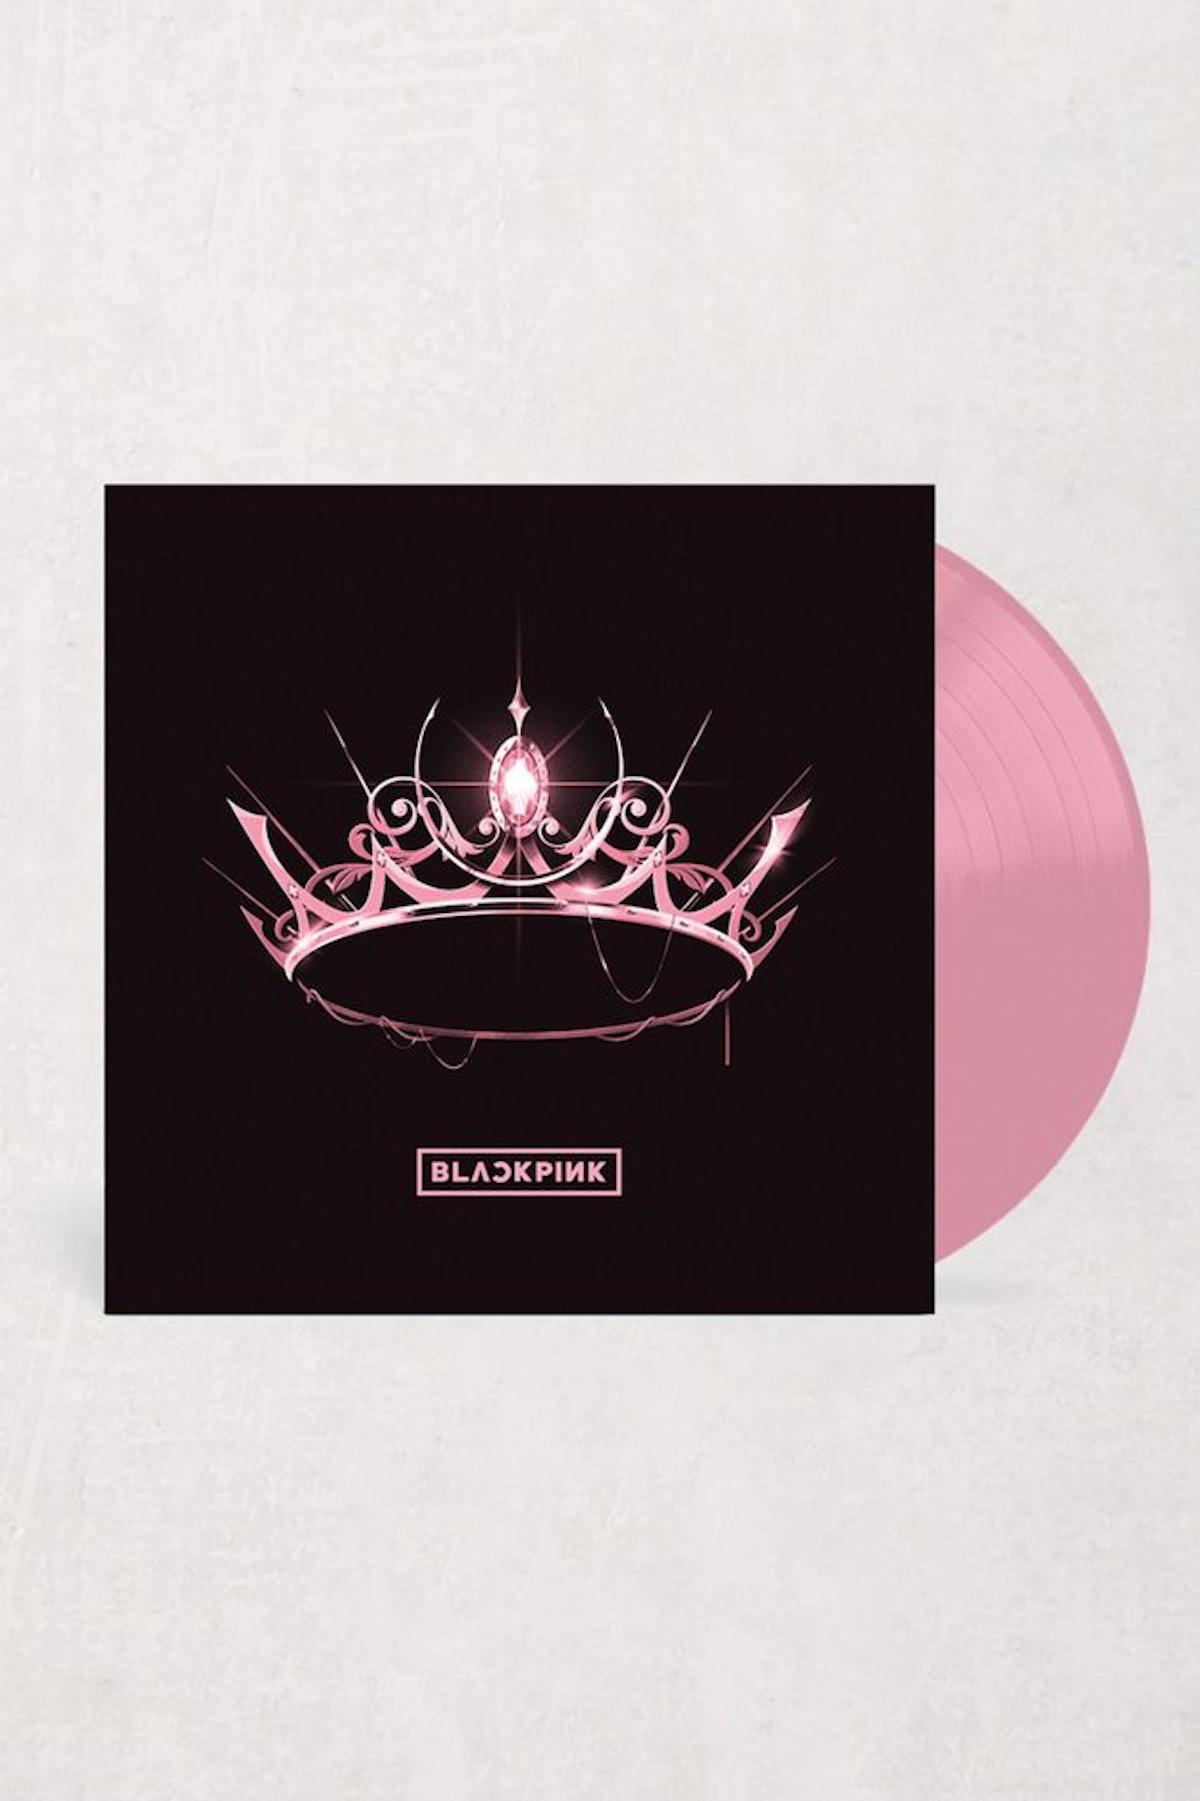 Blackpink - The Album LP